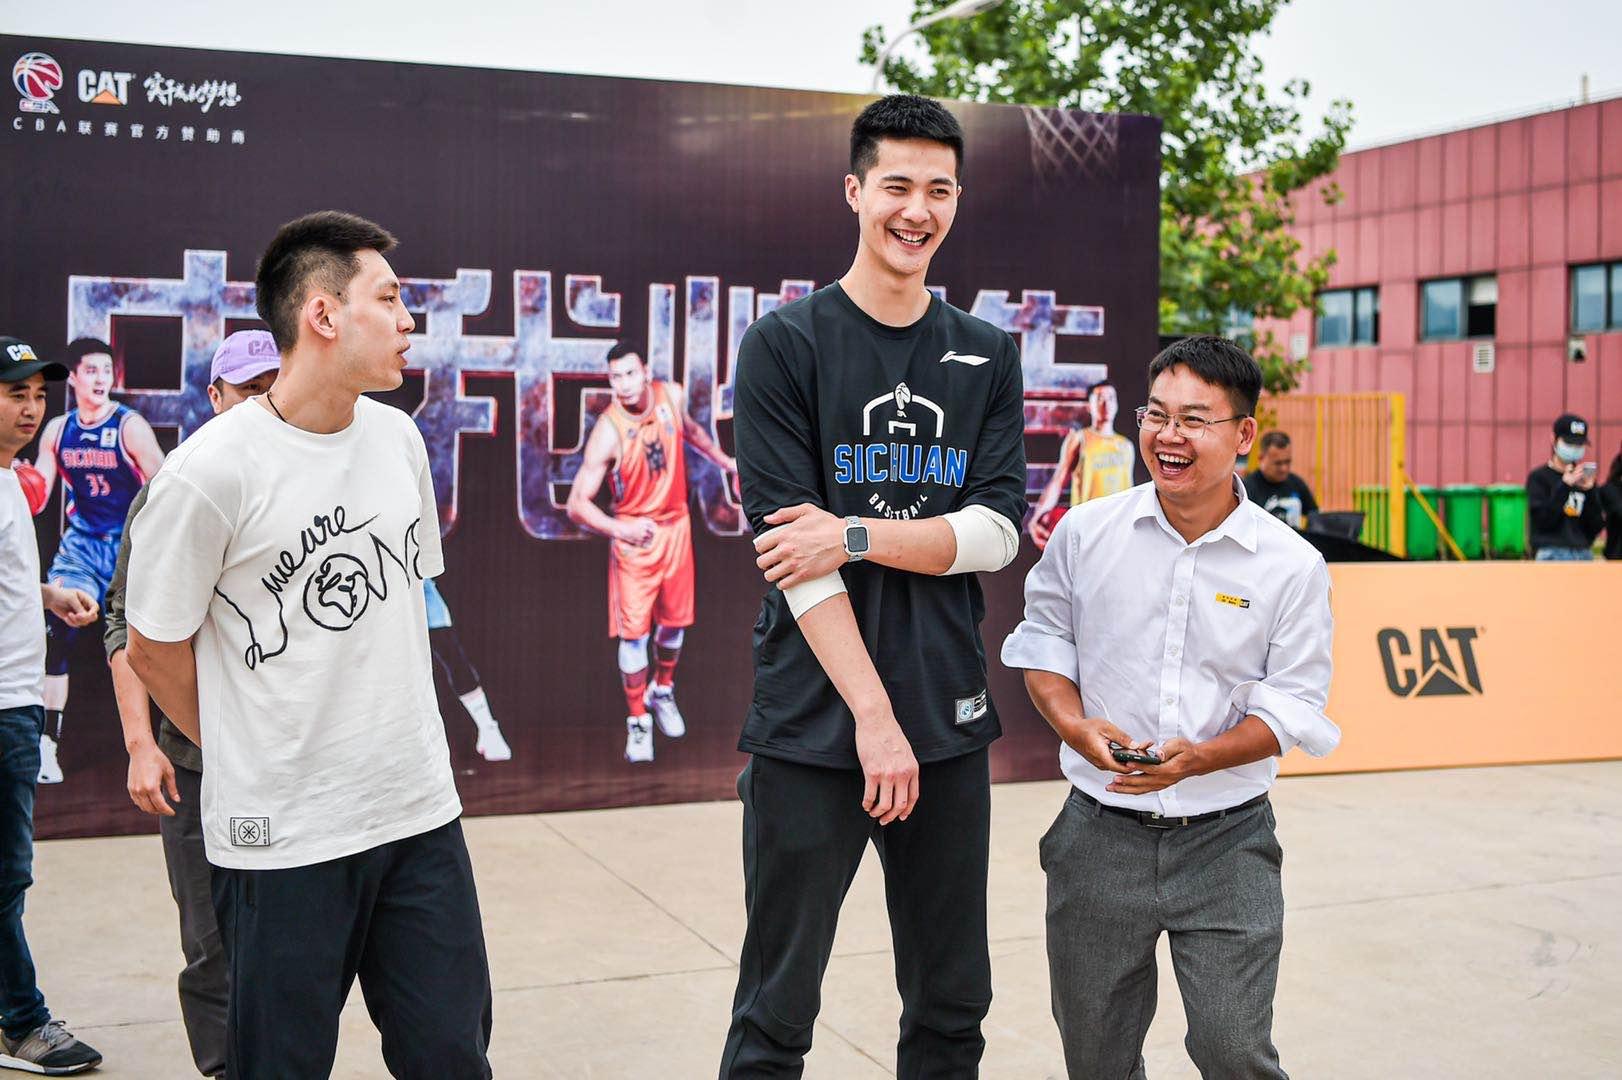 朱松玮、景菡一、袁堂文现身球迷见面会,对荣誉的饥渴感促使他们不断提升